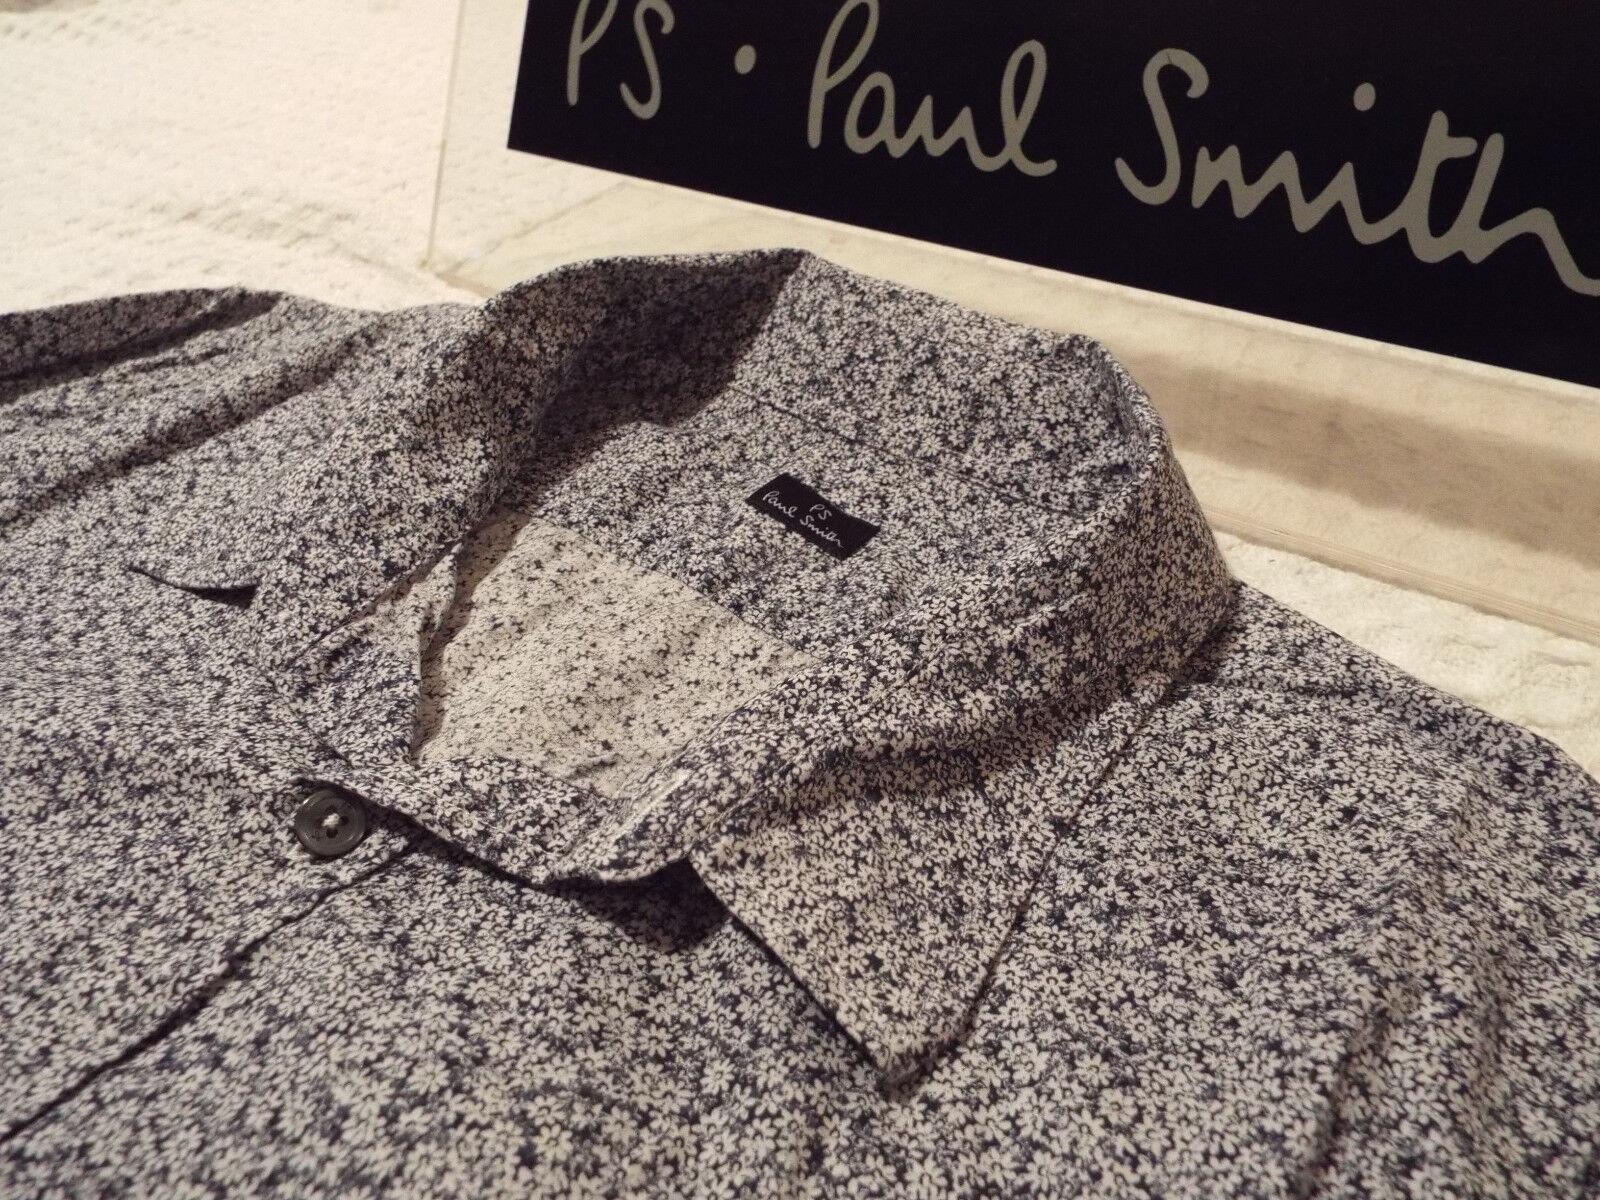 PAUL SMITH Mens Shirt  Größe XL (CHEST 44 )   +  FLORAL LIBERTY STYLE  | Professionelles Design